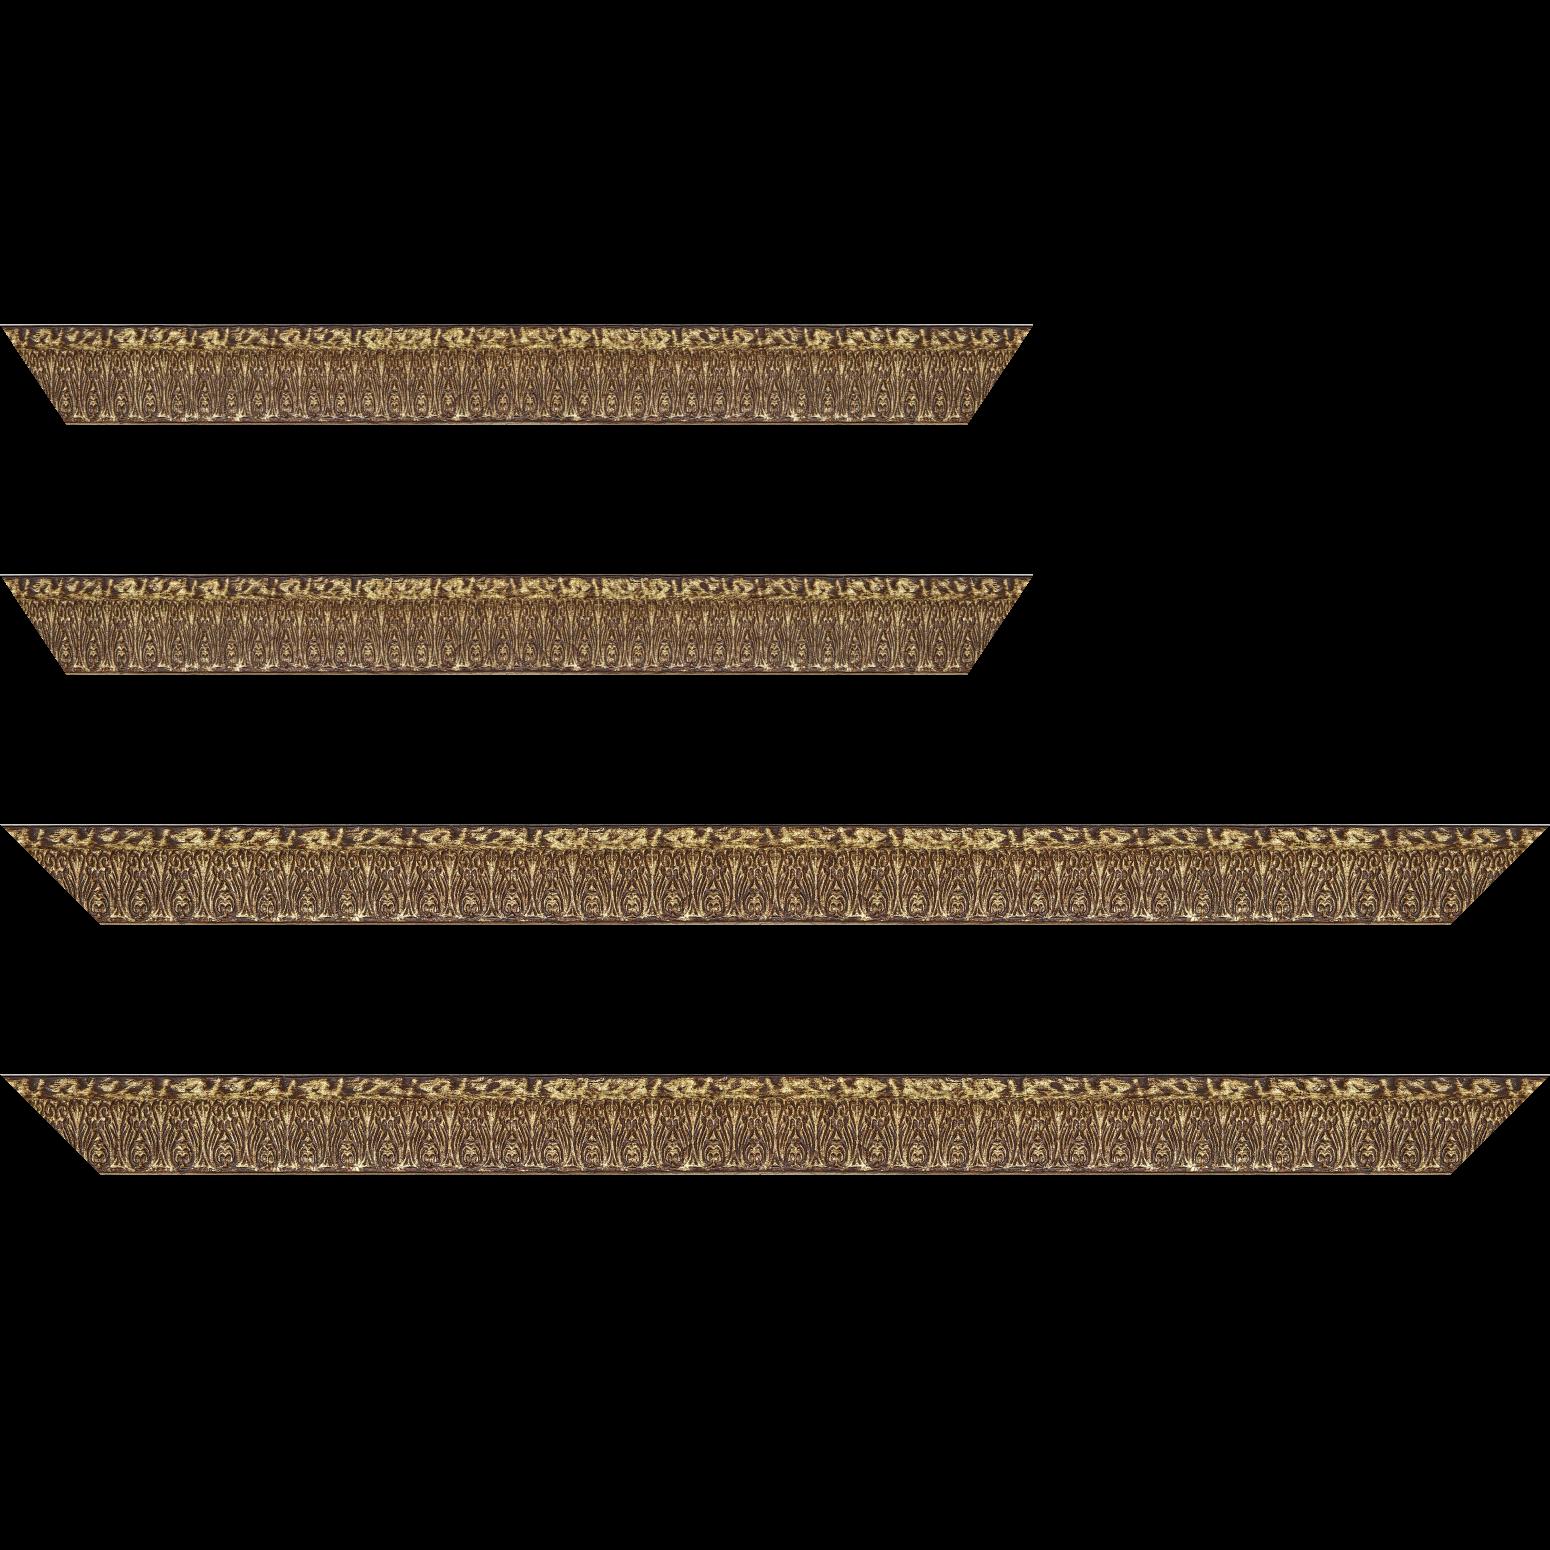 Baguette service précoupé Bois profil incurvé largeur 3cm or antique vieilli à la feuille style